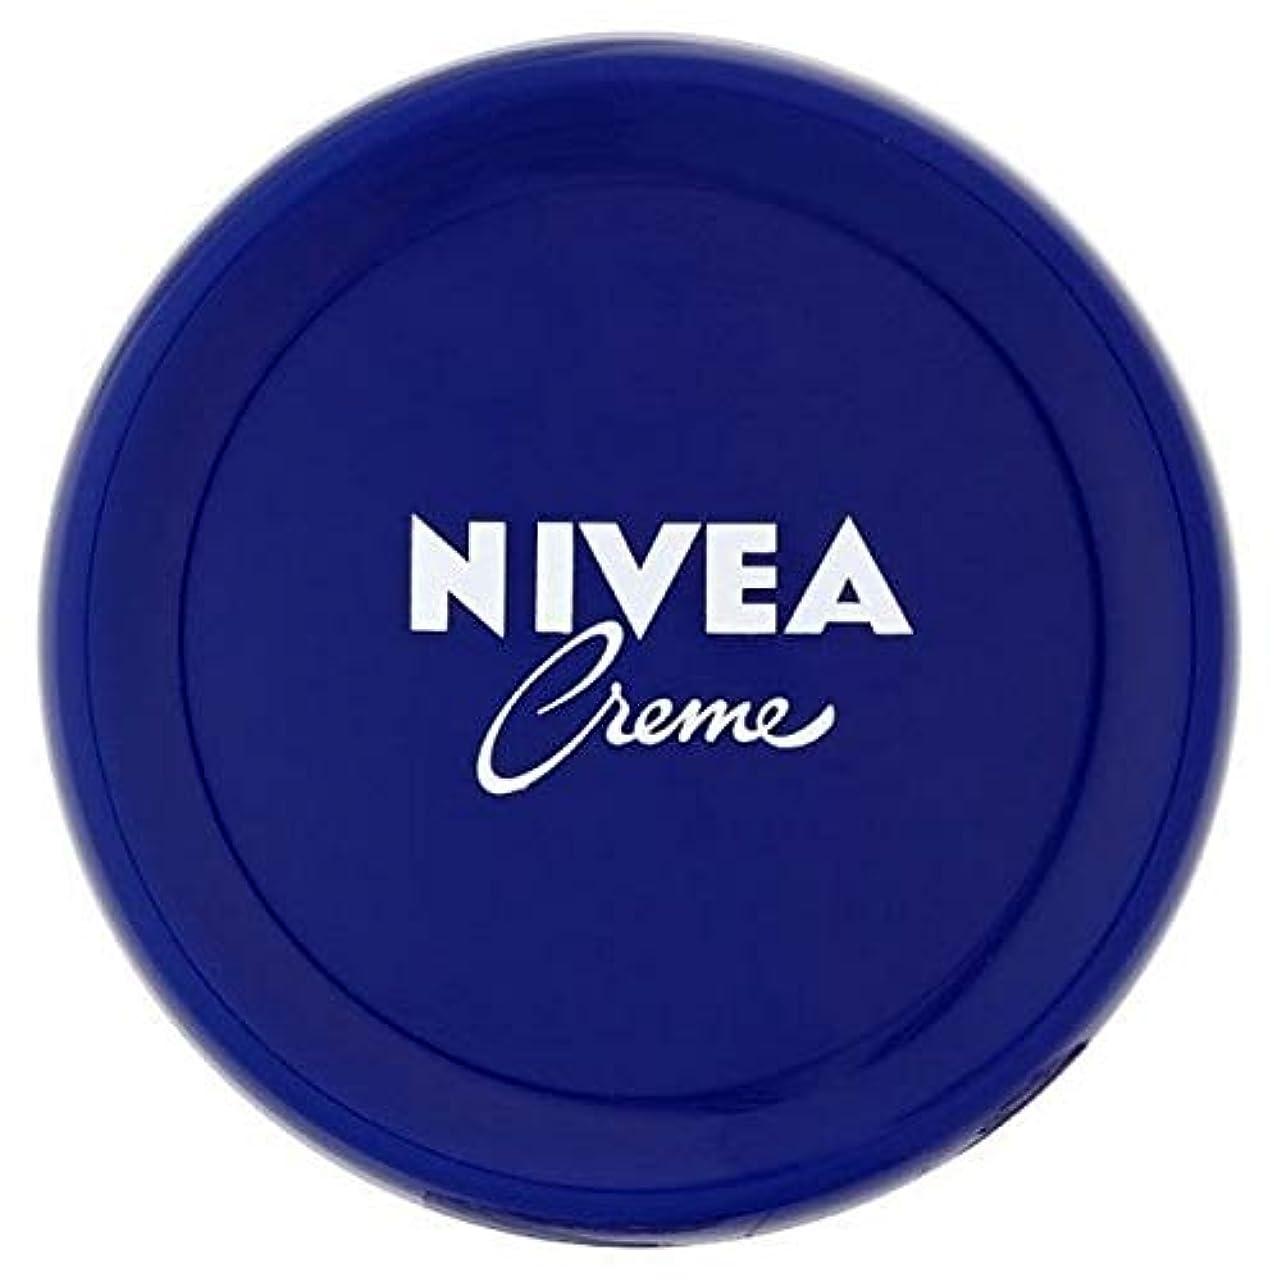 アイスクリームブレーキ保守的[Nivea ] ニベアクリーム万能ボディクリーム、200ミリリットル - NIVEA Creme All Purpose Body Cream, 200ml [並行輸入品]